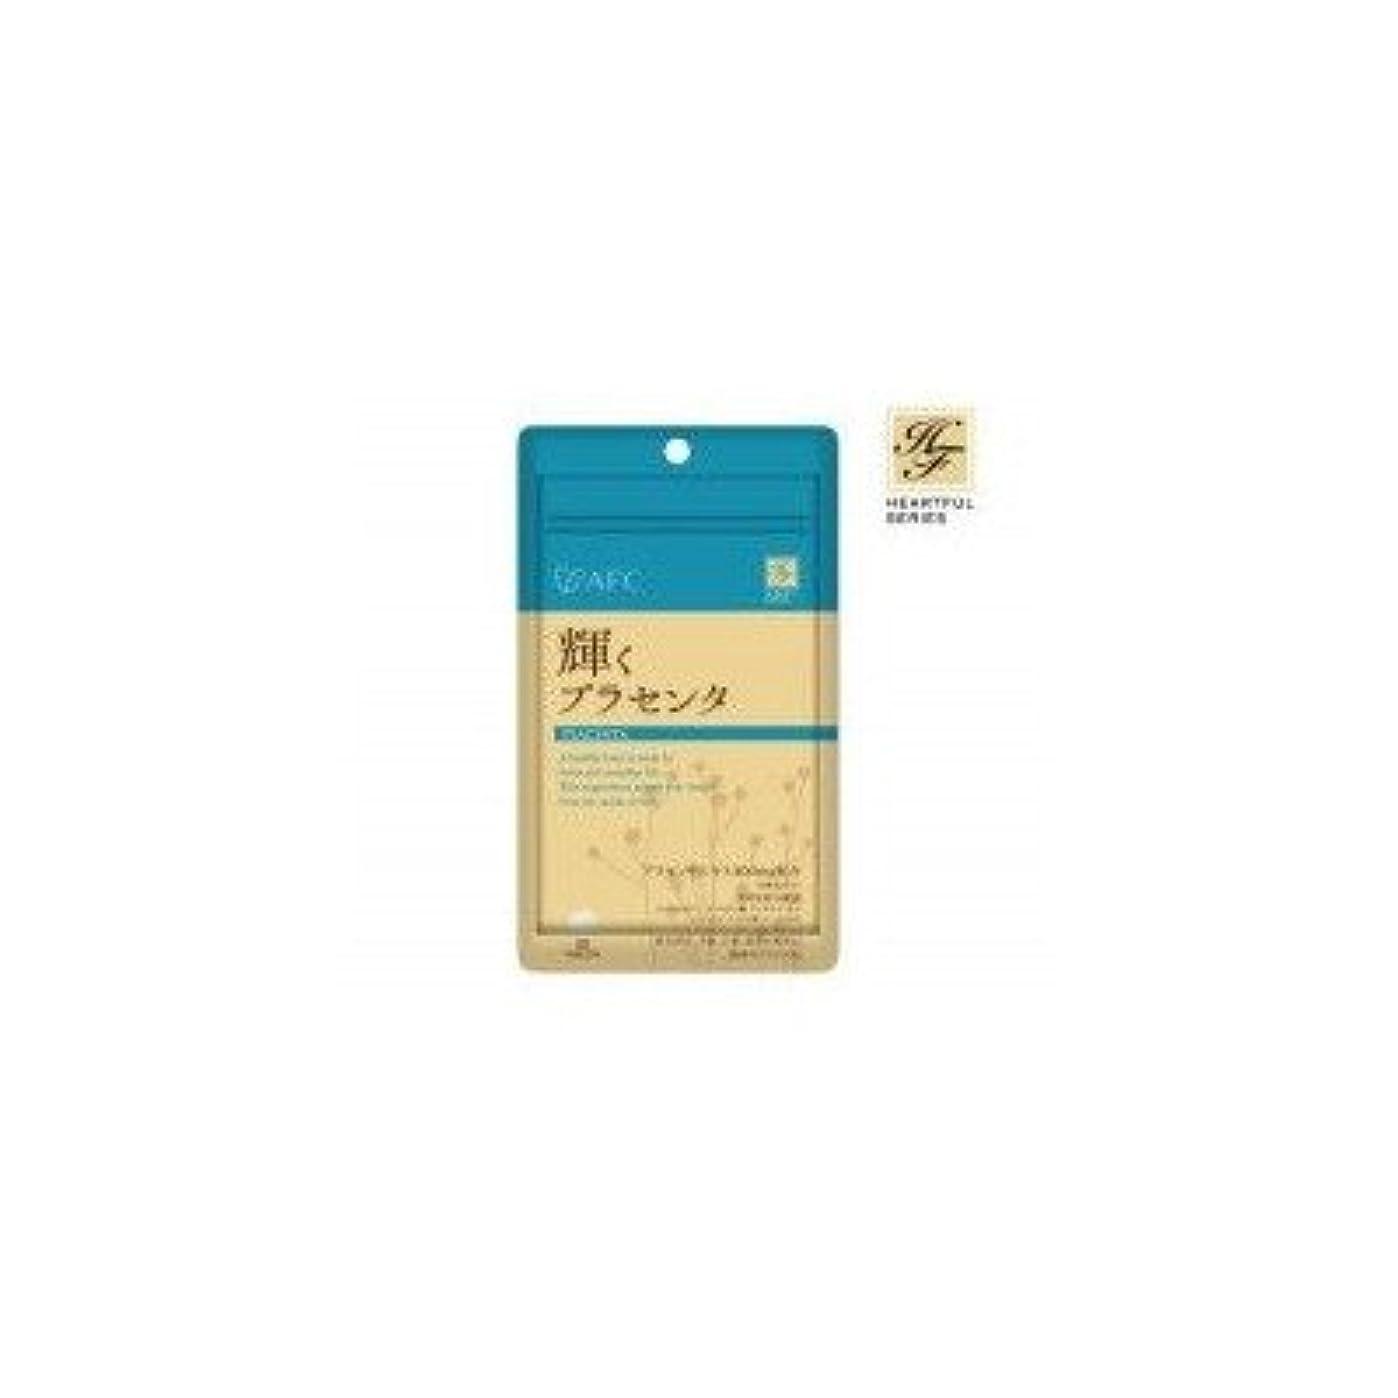 取り囲む理論ミキサーAFC(エーエフシー) ハートフルシリーズサプリ 輝くプラセンタ HFS02×6袋